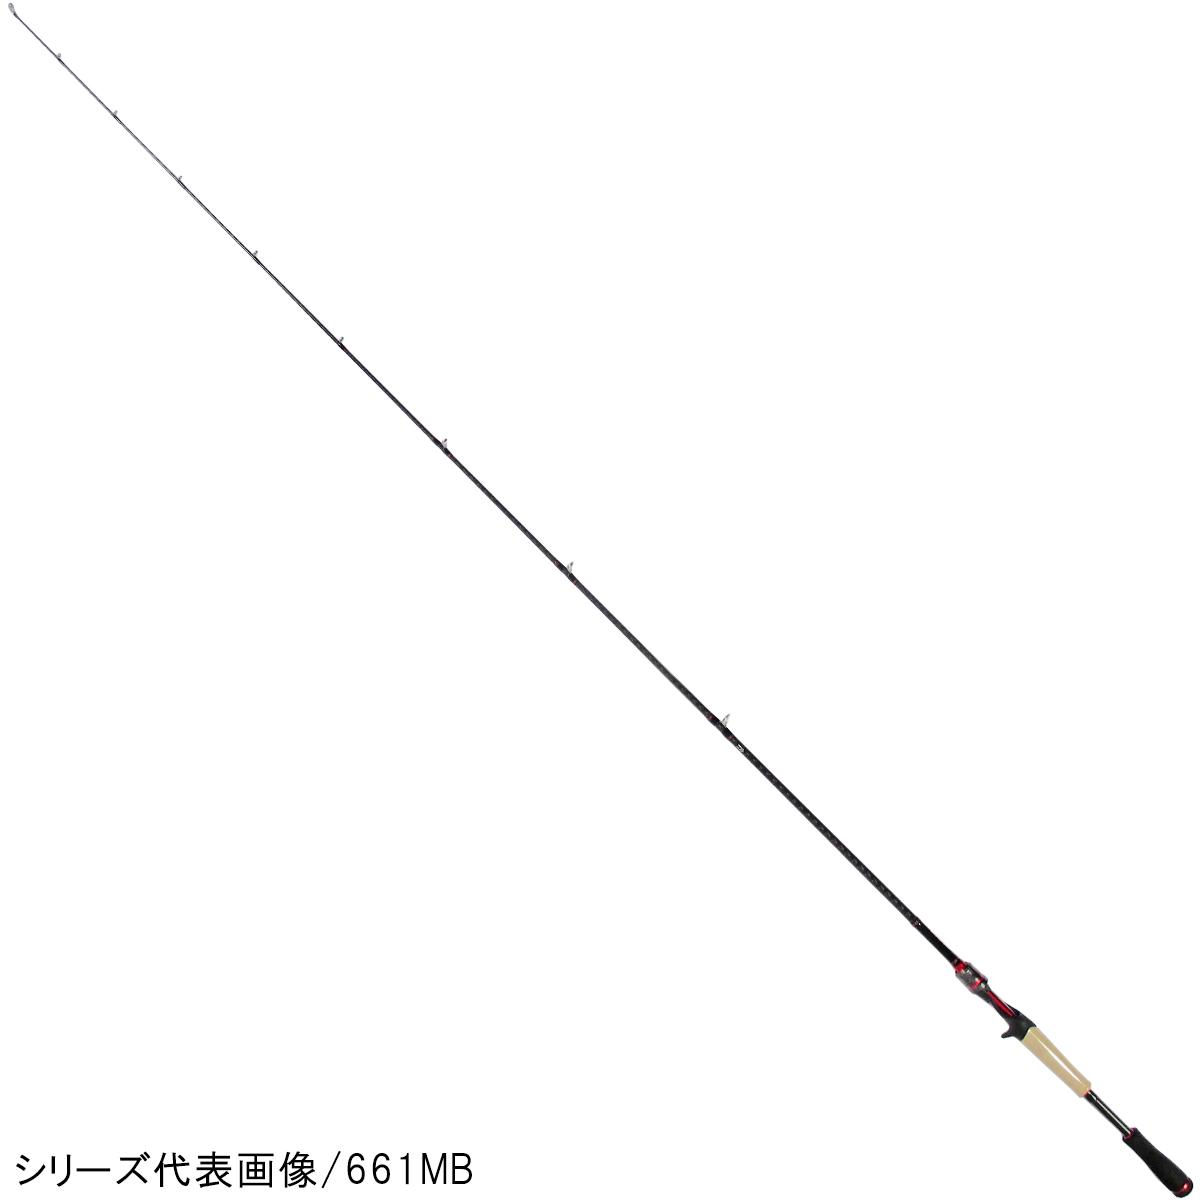 ダイワ ブレイゾン 661MHB【大型商品】